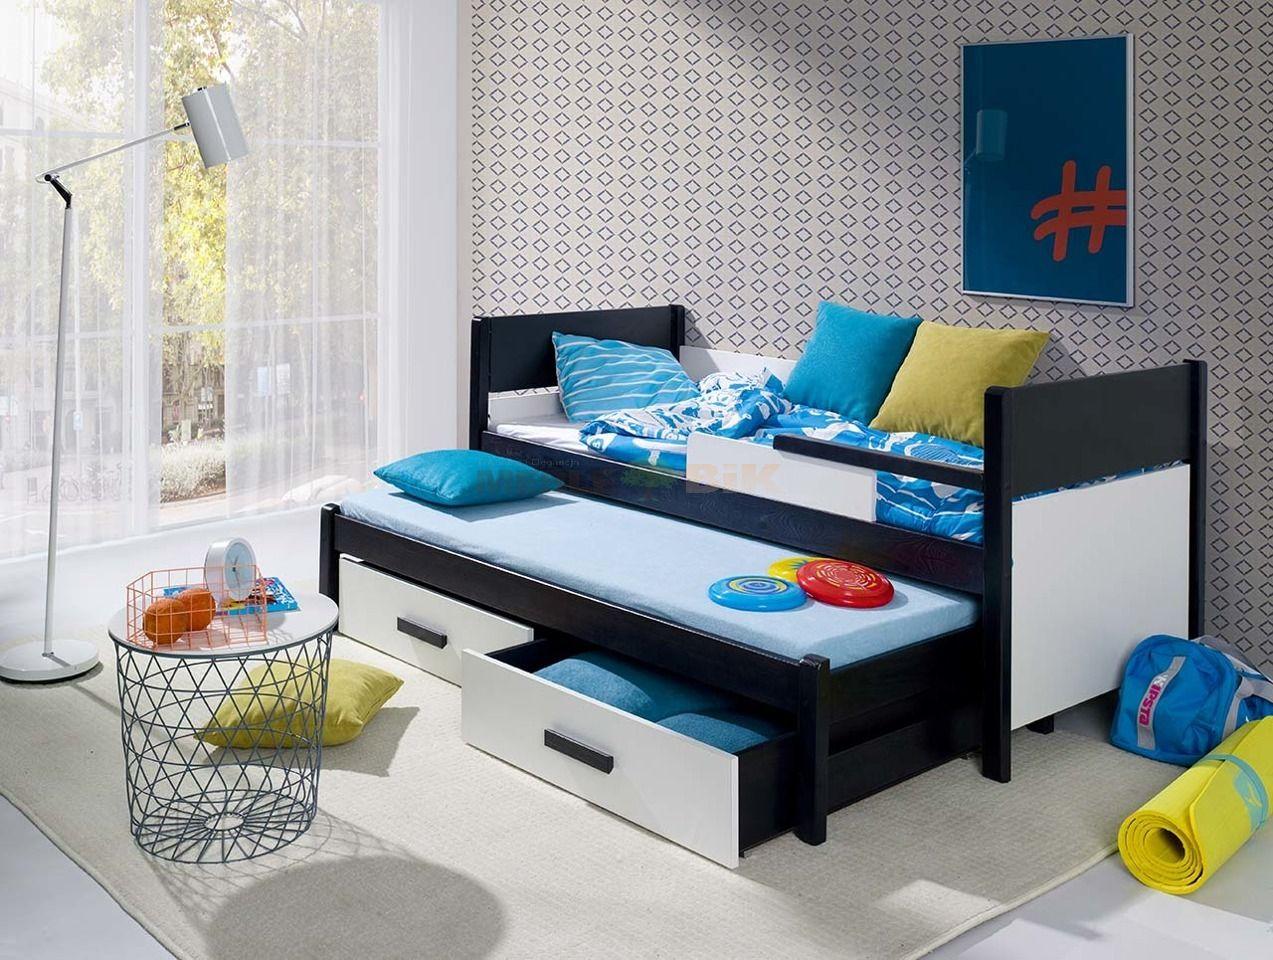 łóżko Piętrowe Niskie 2 Osobowe Do Pokoju Młodzieżowego